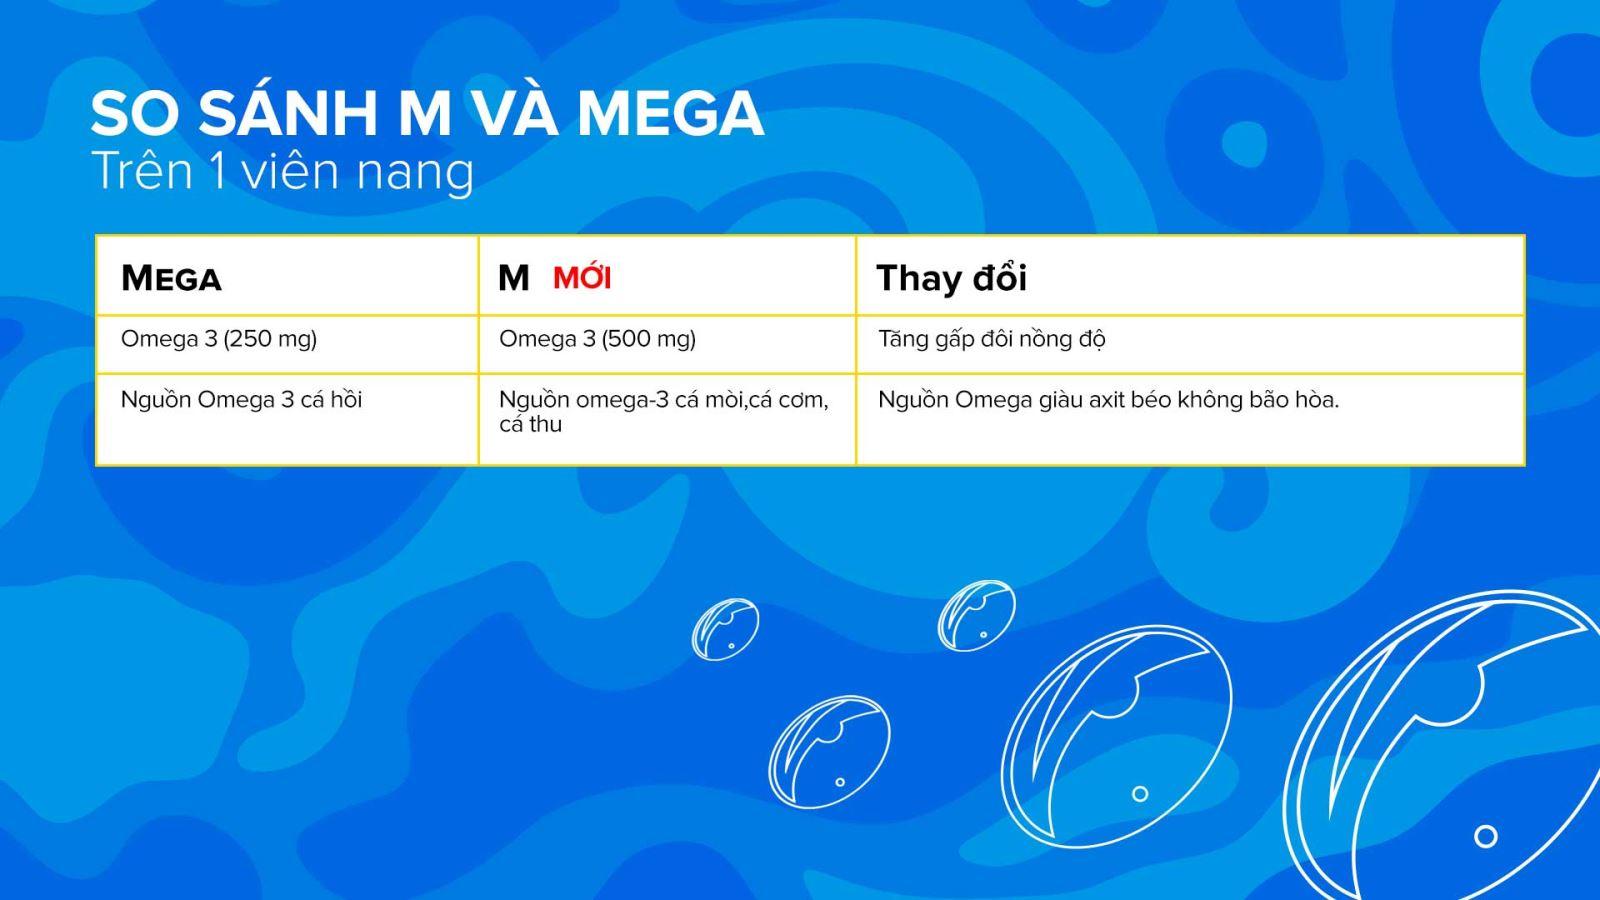 Bảng so sánh thành phần trong sản phẩm M và Mega